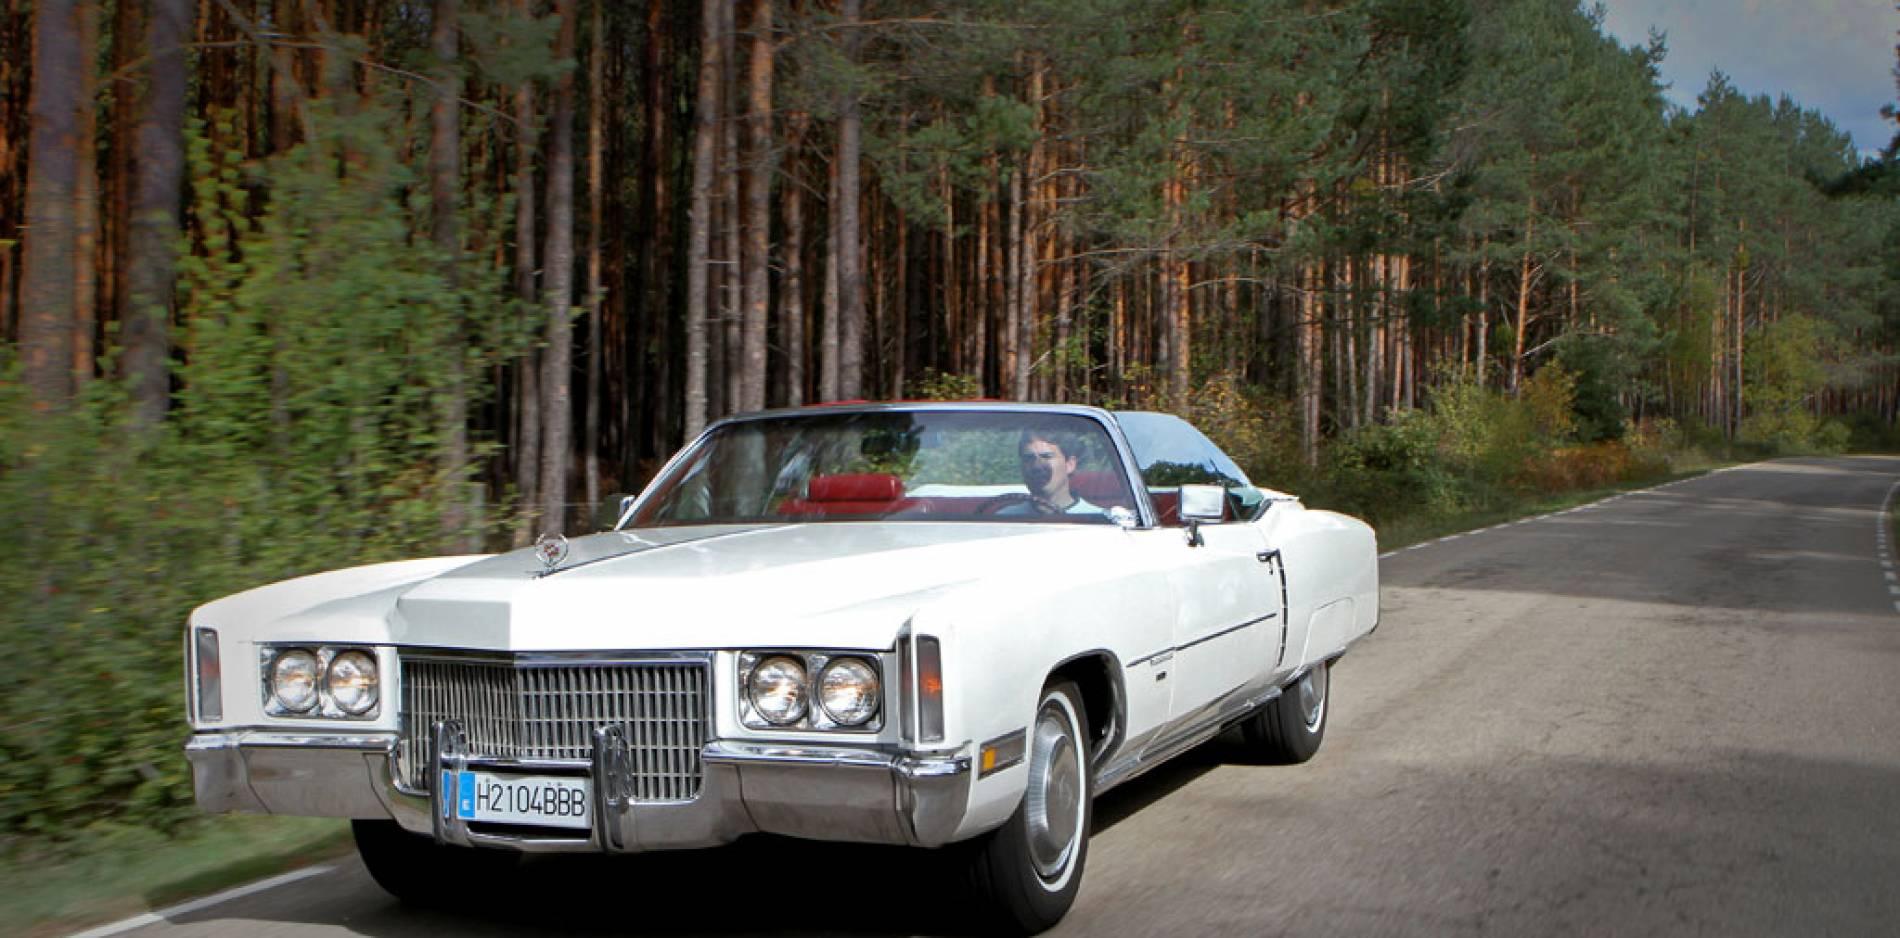 Prueba: Cadillac Eldorado Cabriolet 1971, la alfombra mágica